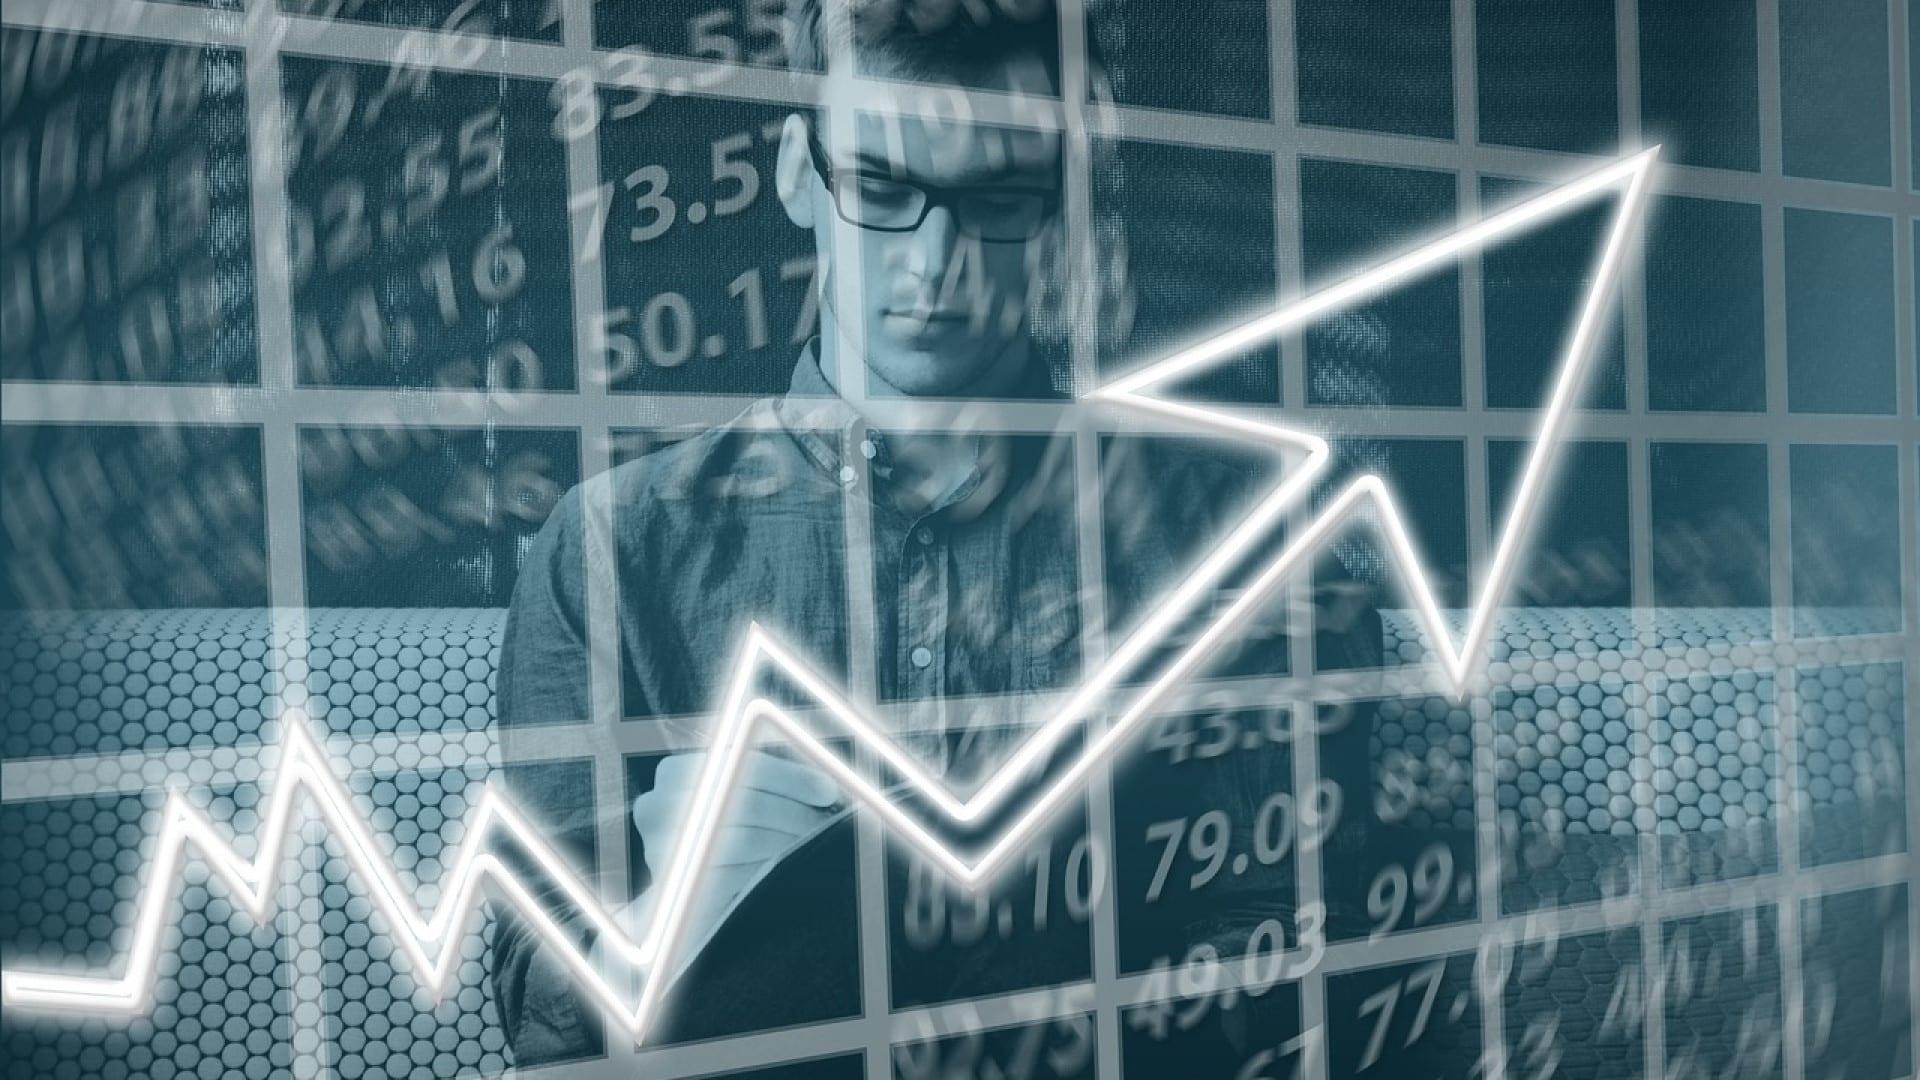 Se renseigner sur Internet pour le monde du trading